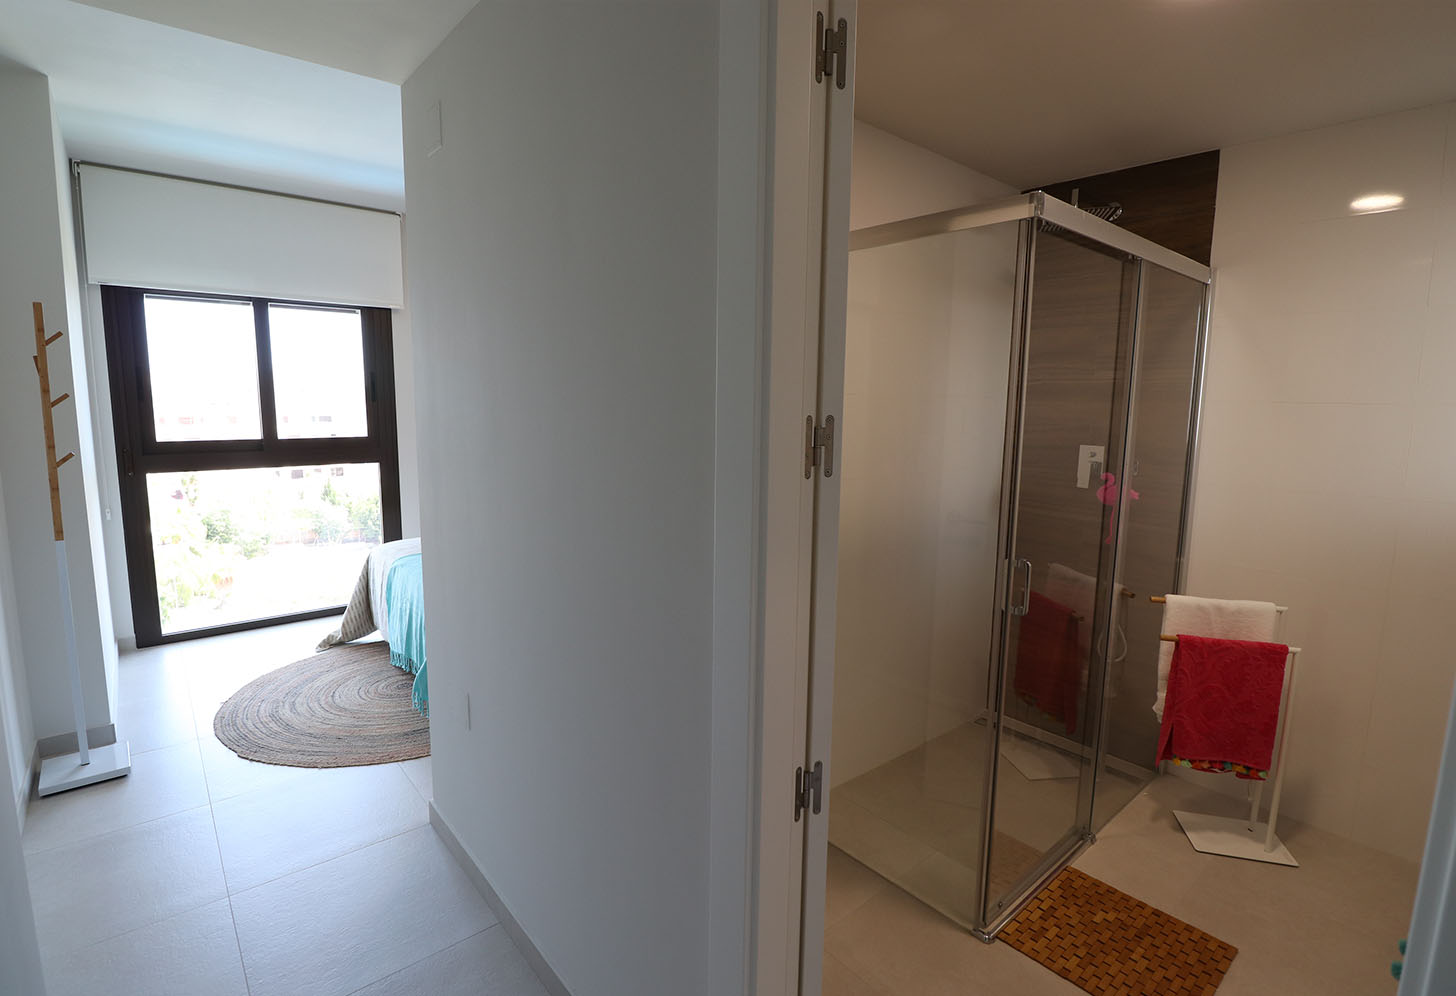 Couloir de l'appartement à Campoamor